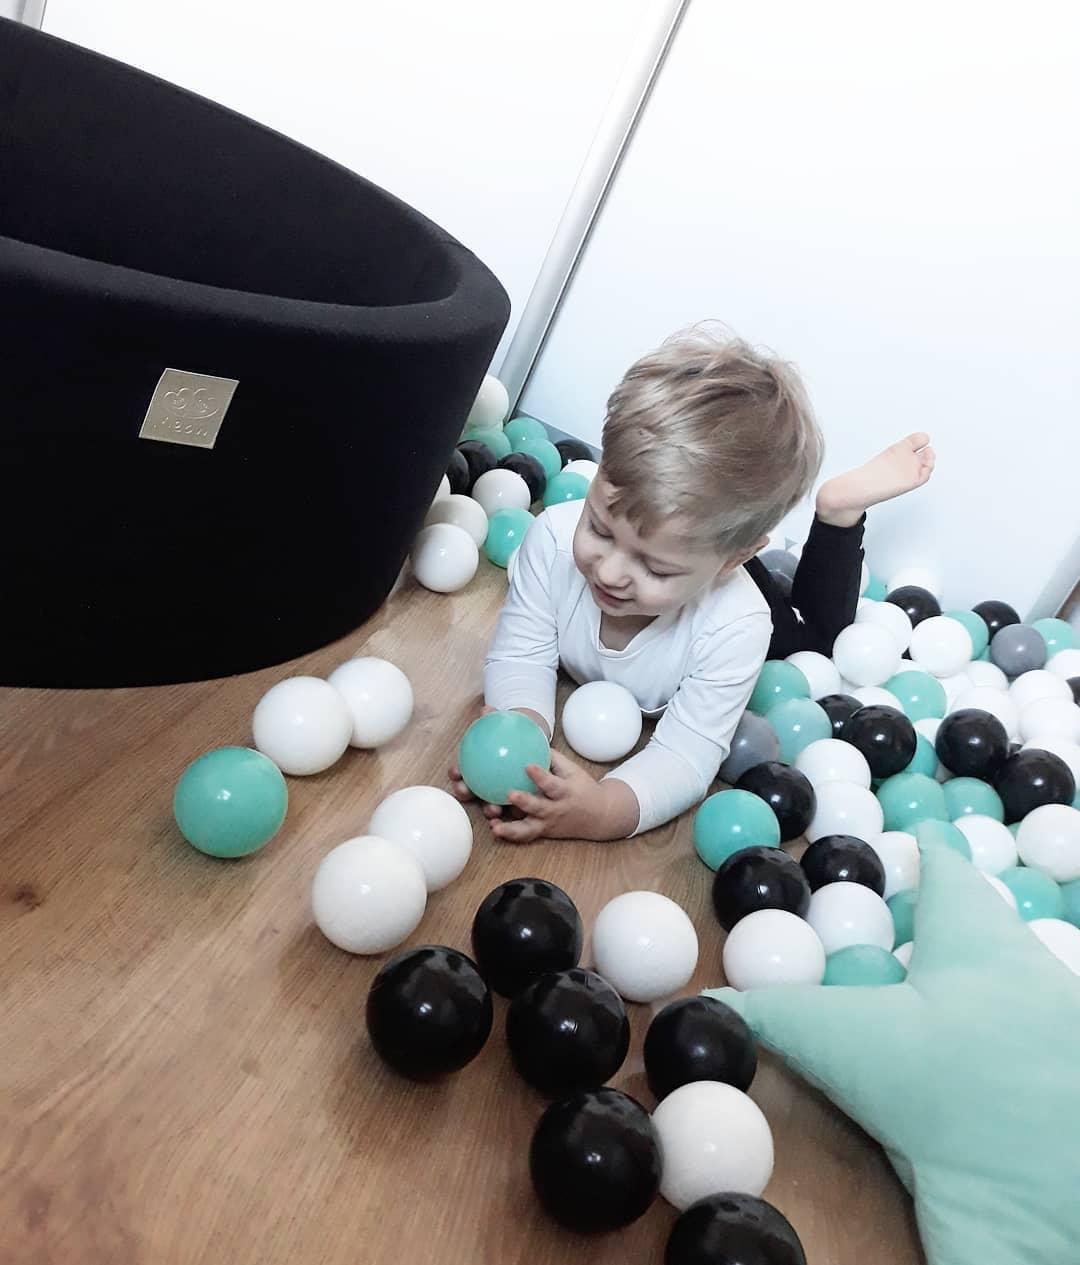 Pallimeri köida lapse tähelepanu pikka aega